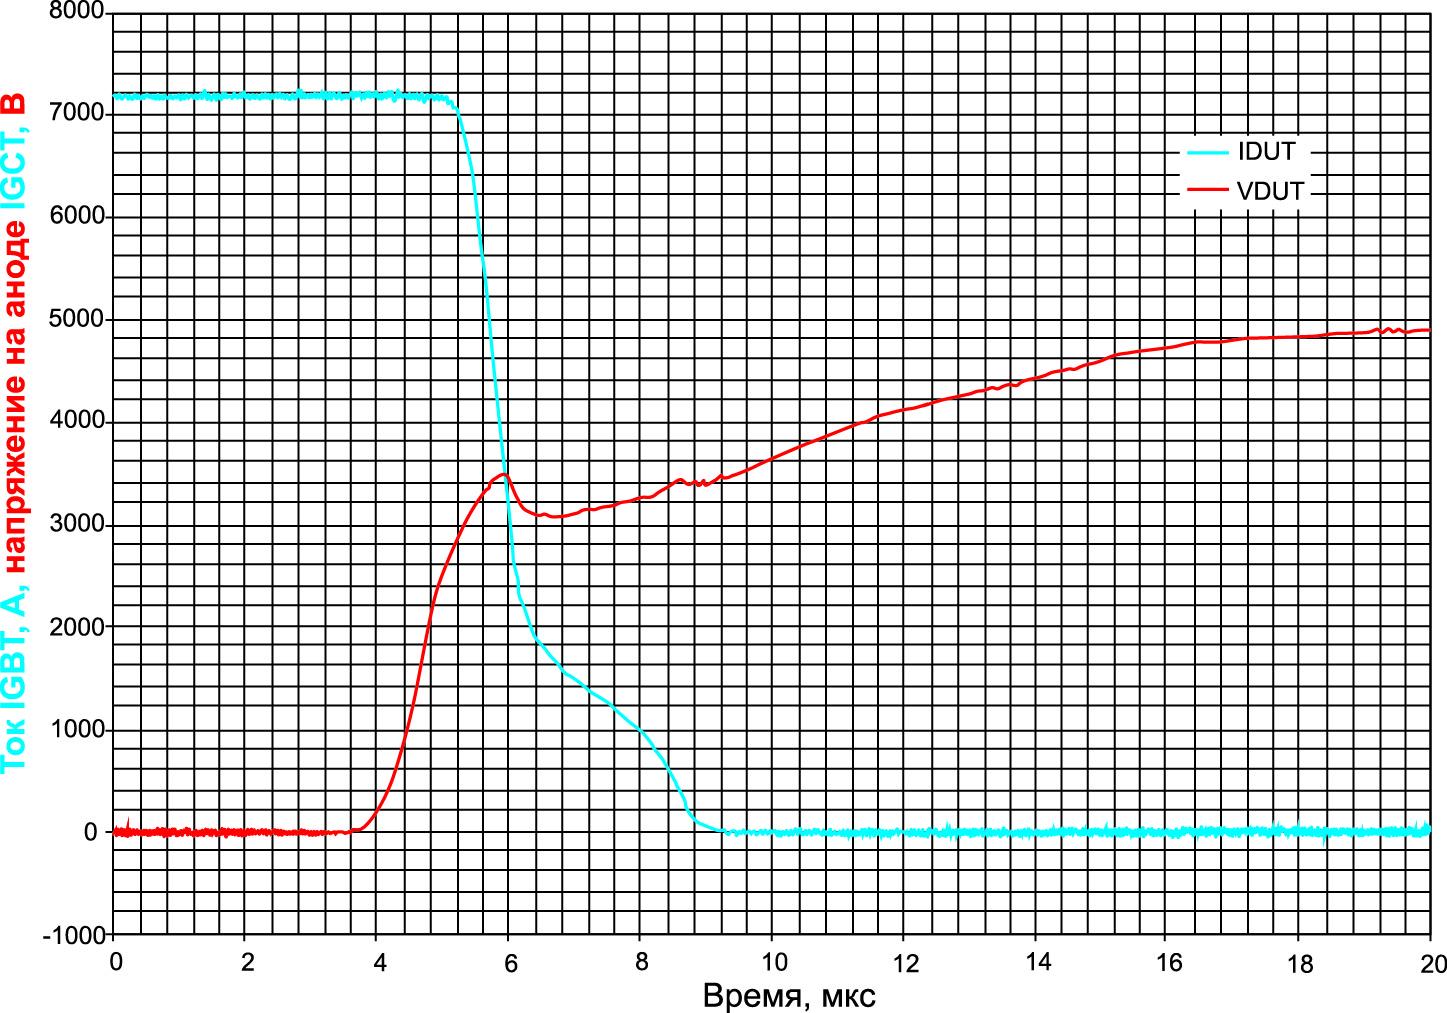 Форма сигнала выключения для 150-мм RС-IGCT 45-го класса при IT = 7,2 кА и Vпост. тока = 2,8 кВ